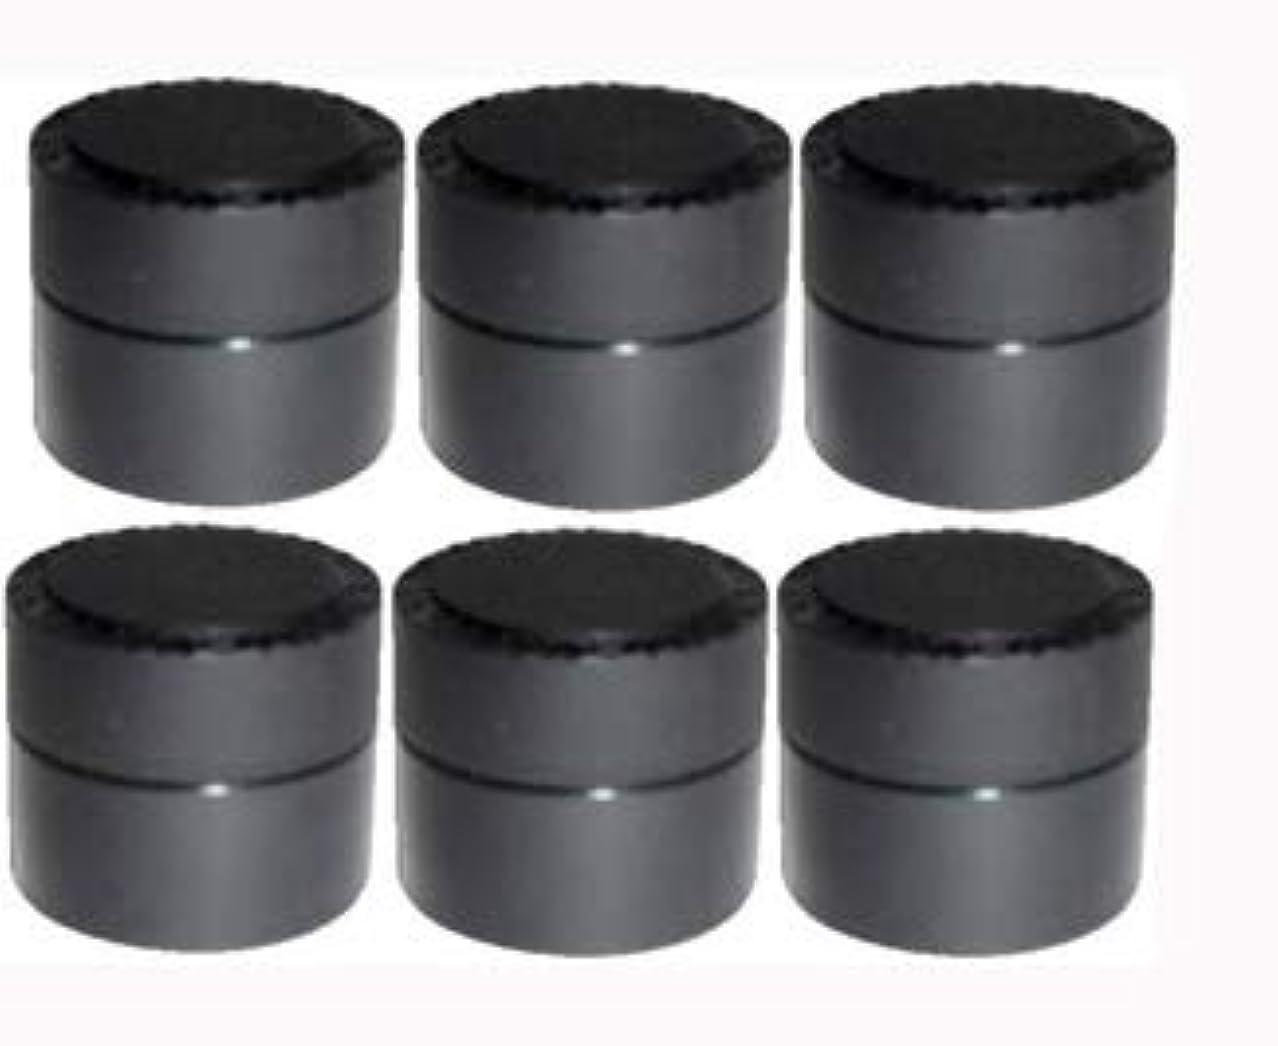 ハイジャック運命正午メルティージェル MELTY GEL 空容器 黒 (容量5g) 6個